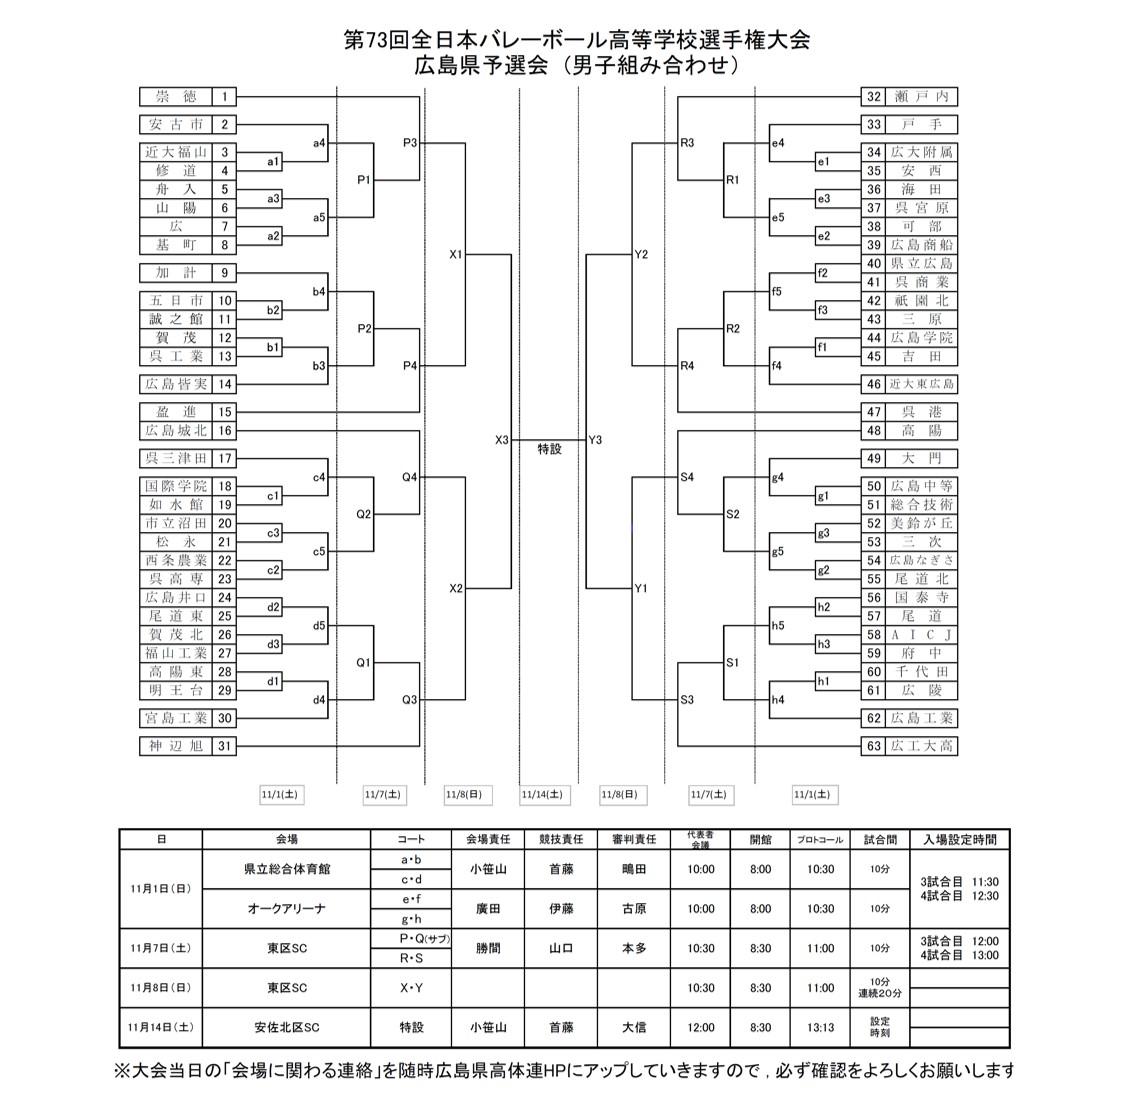 2020年度_全日本高校選手権_広島予選_男子_組合せ